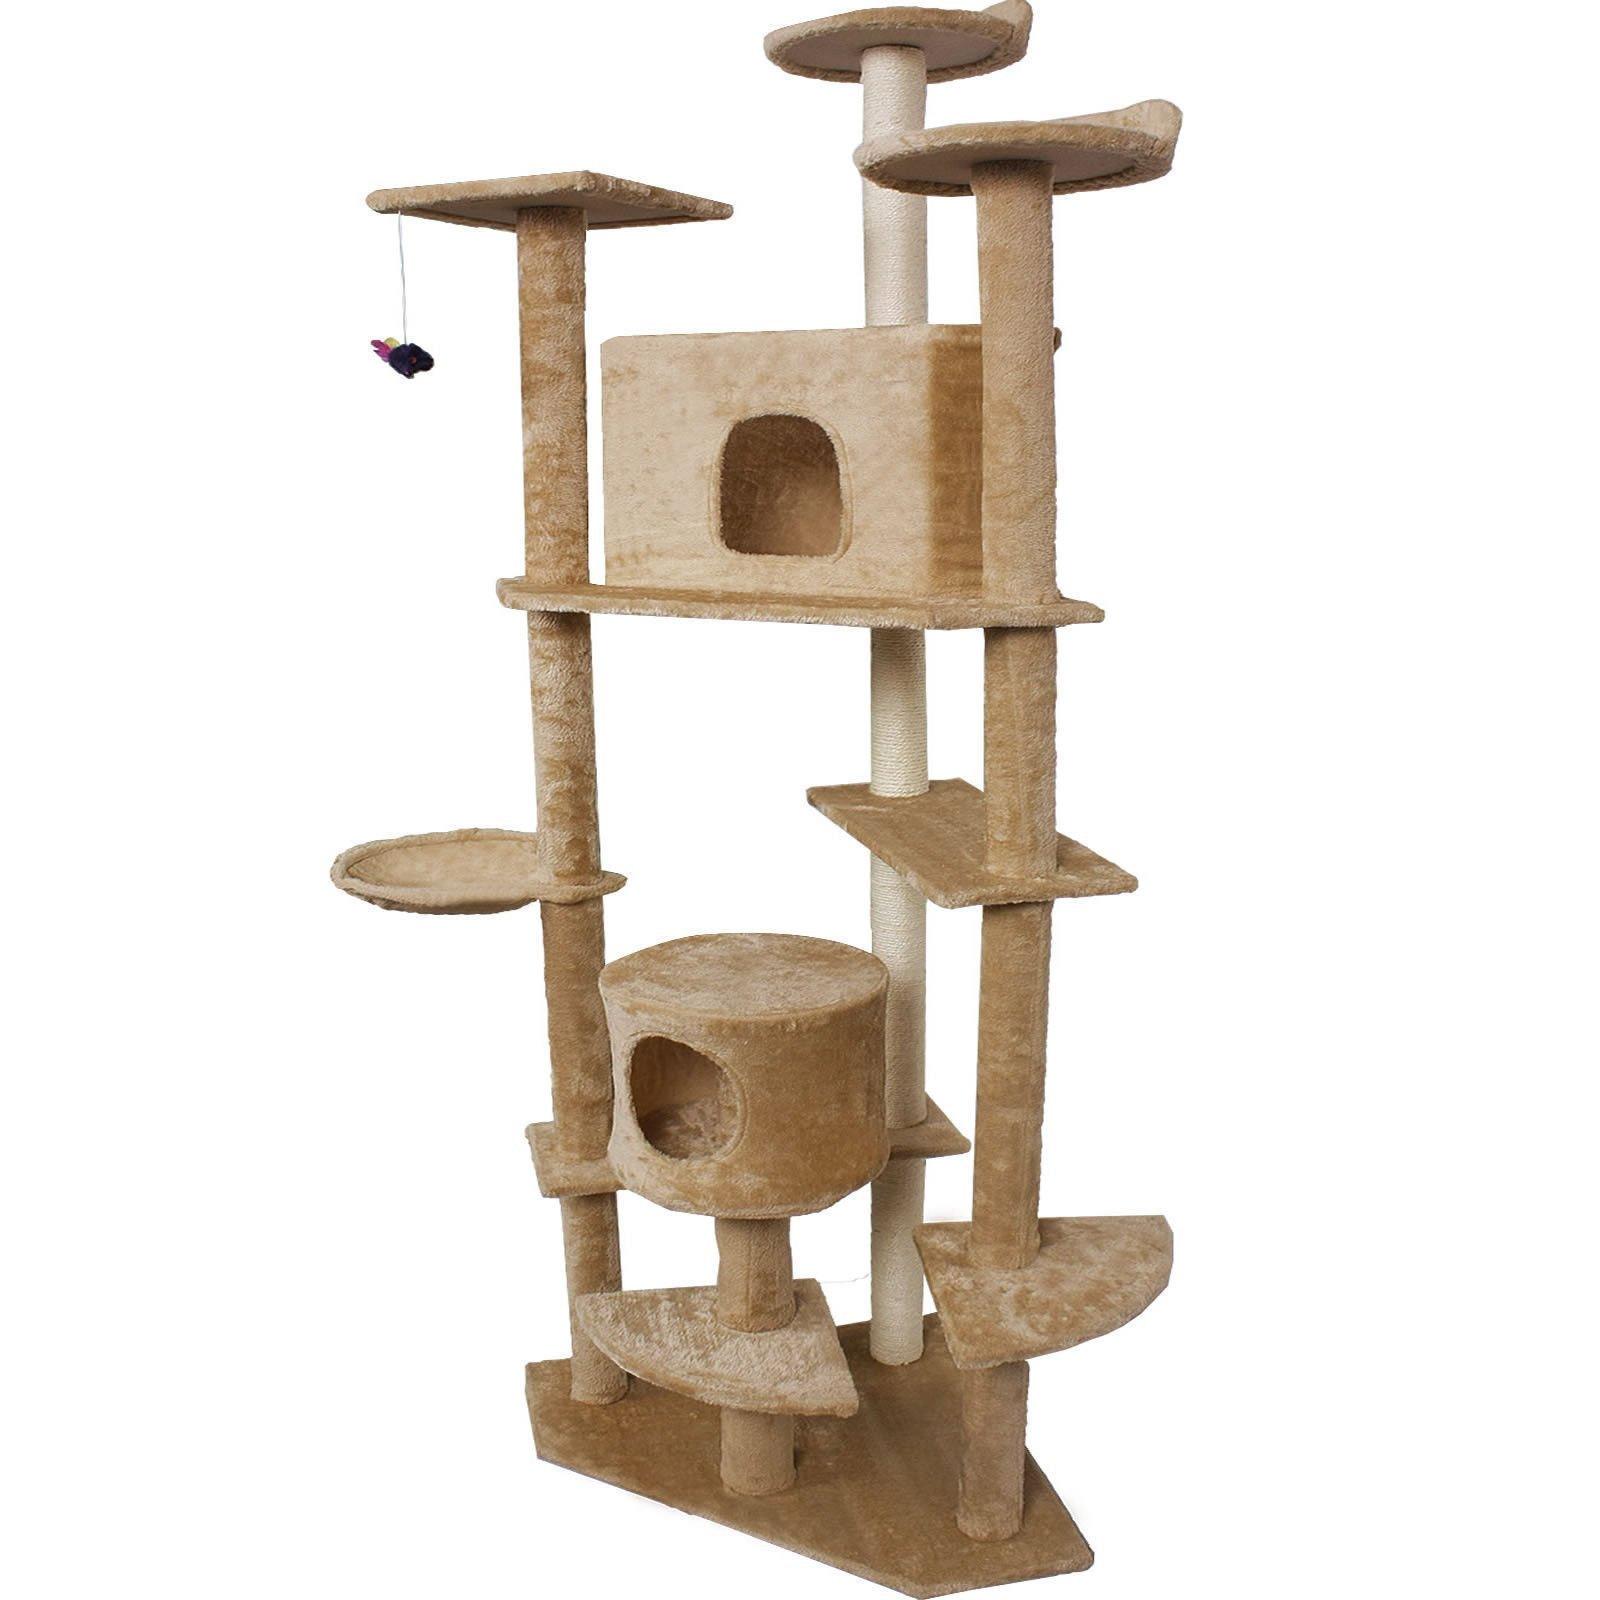 Beige New 80'' Cat Tree Condo Furniture Scratch Post Pet House